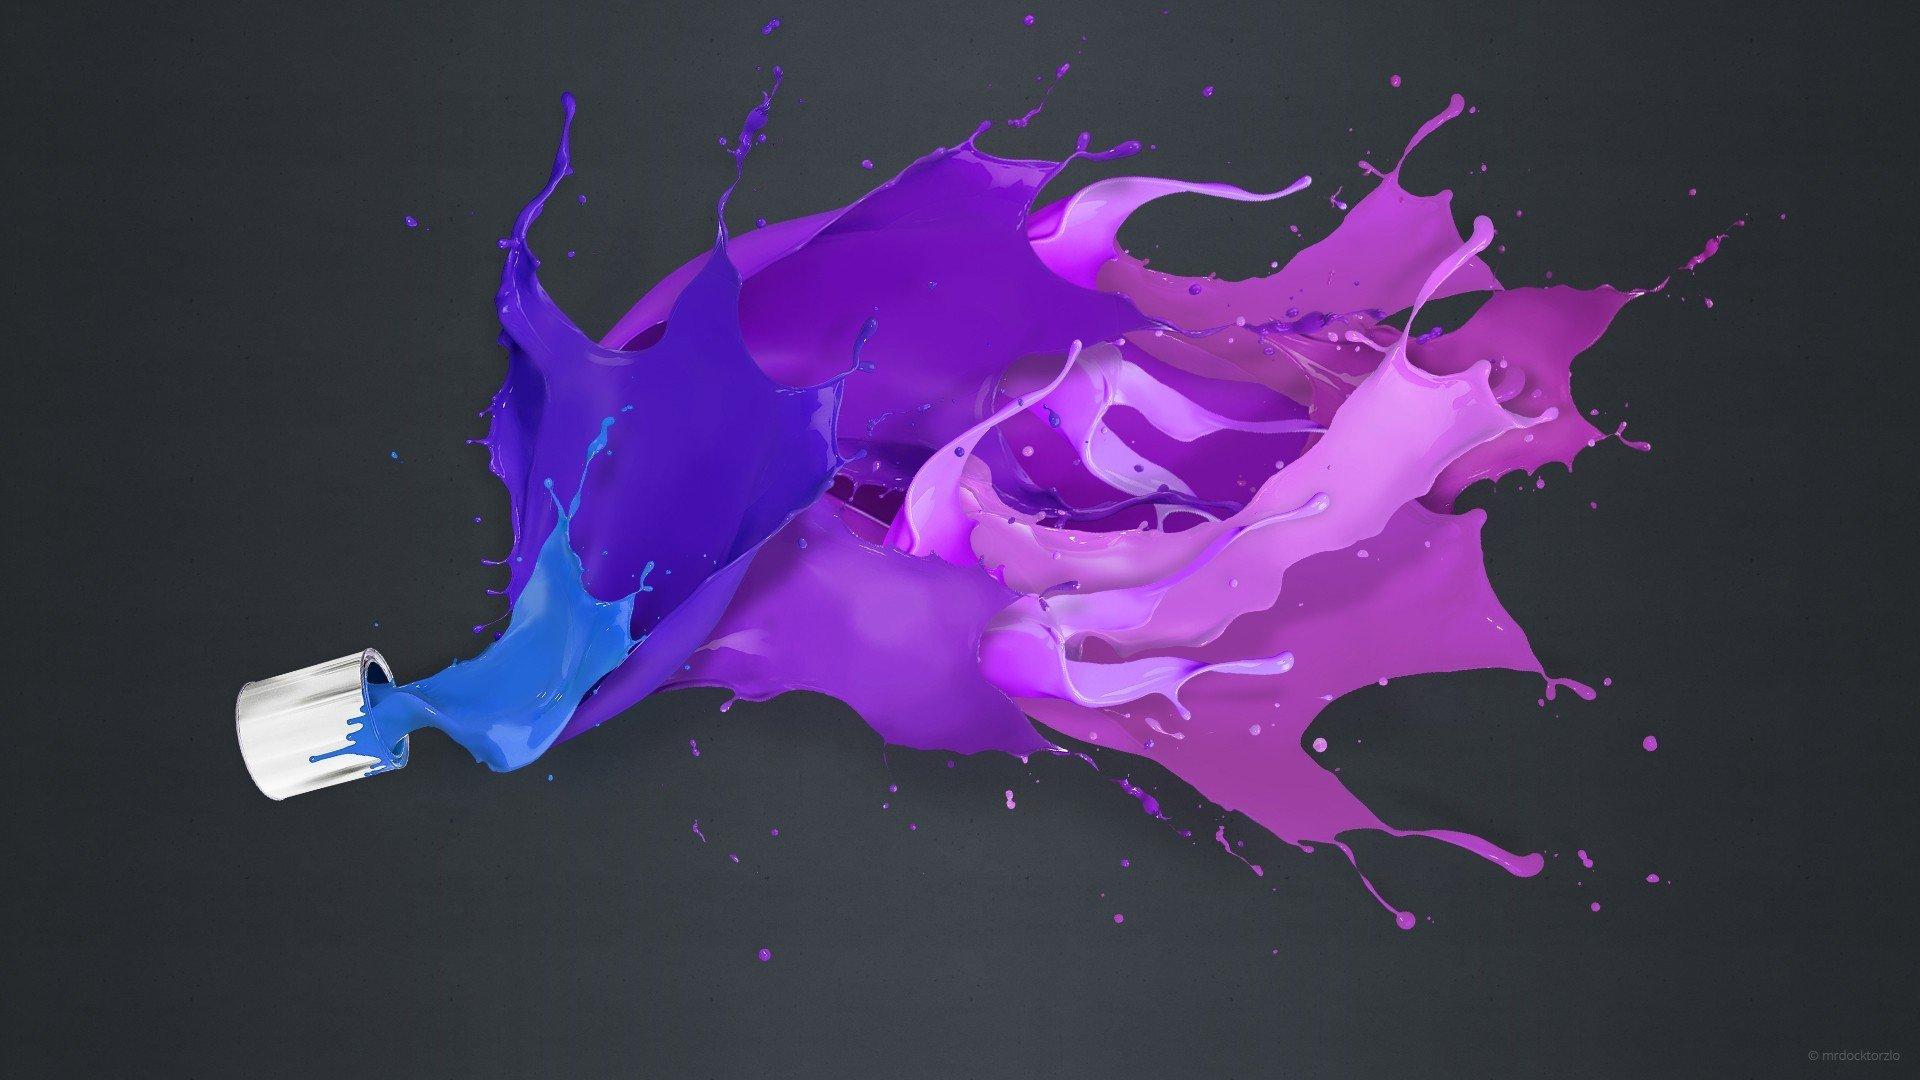 краски цвета всплеск фон HD обои для ноутбука